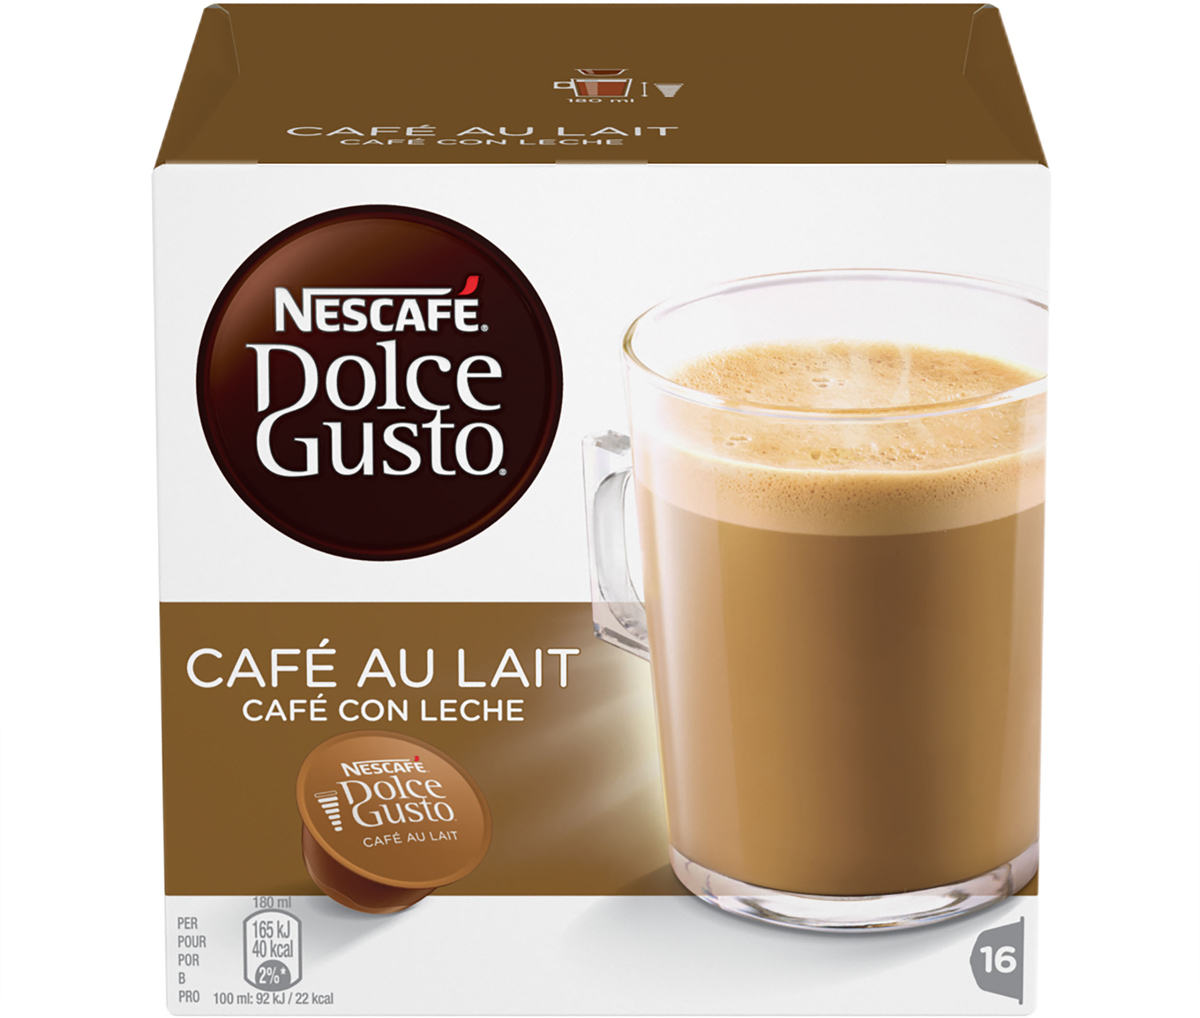 Nescafe Dolce Gusto Кофе О Ле, кофе в капсулах, 16 шт капсулы для кофемашин krups nescafe dolce gusto grande intenso